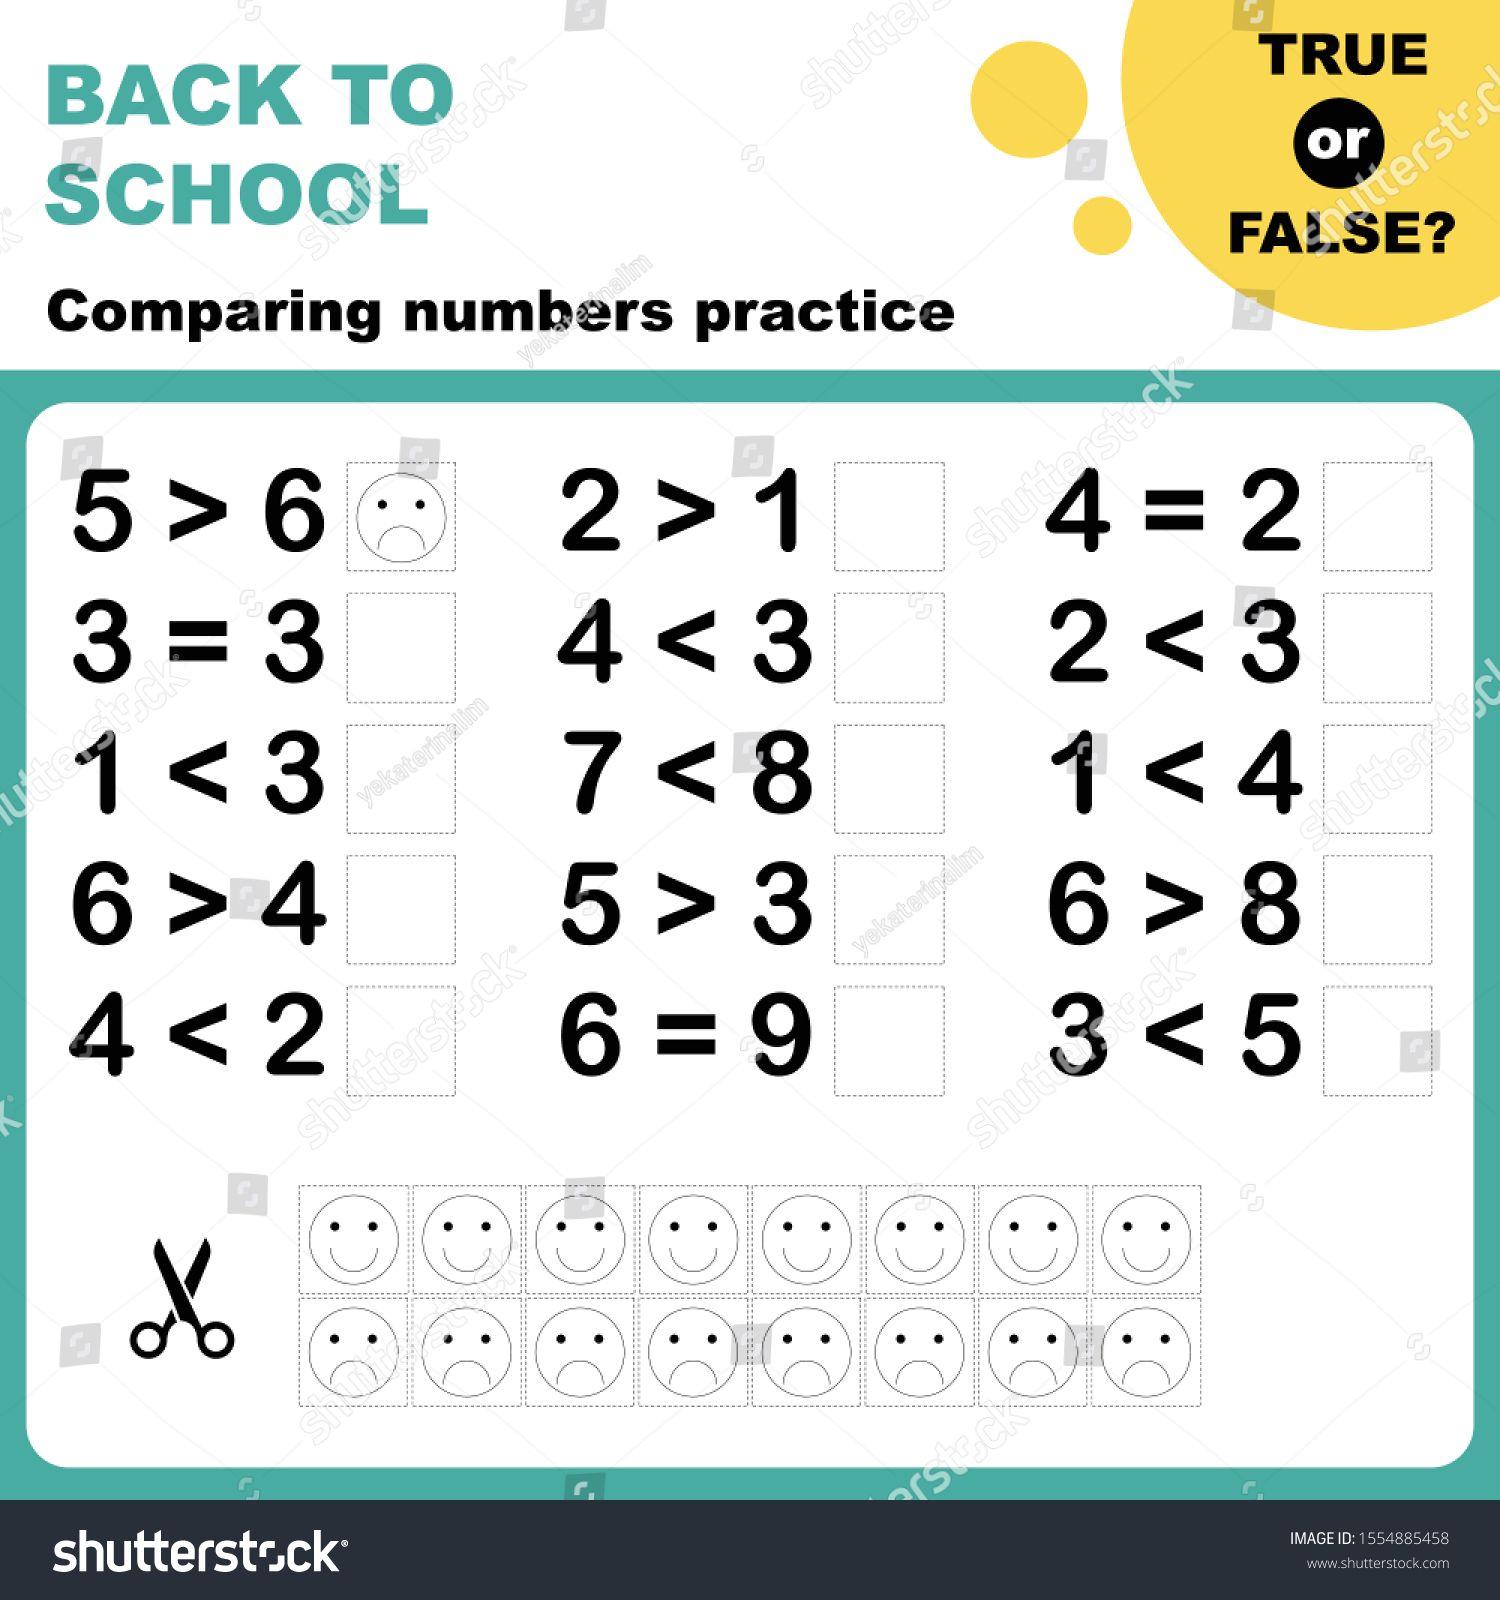 True Or False Comparing Numbers Worksheet Easy Worksheet